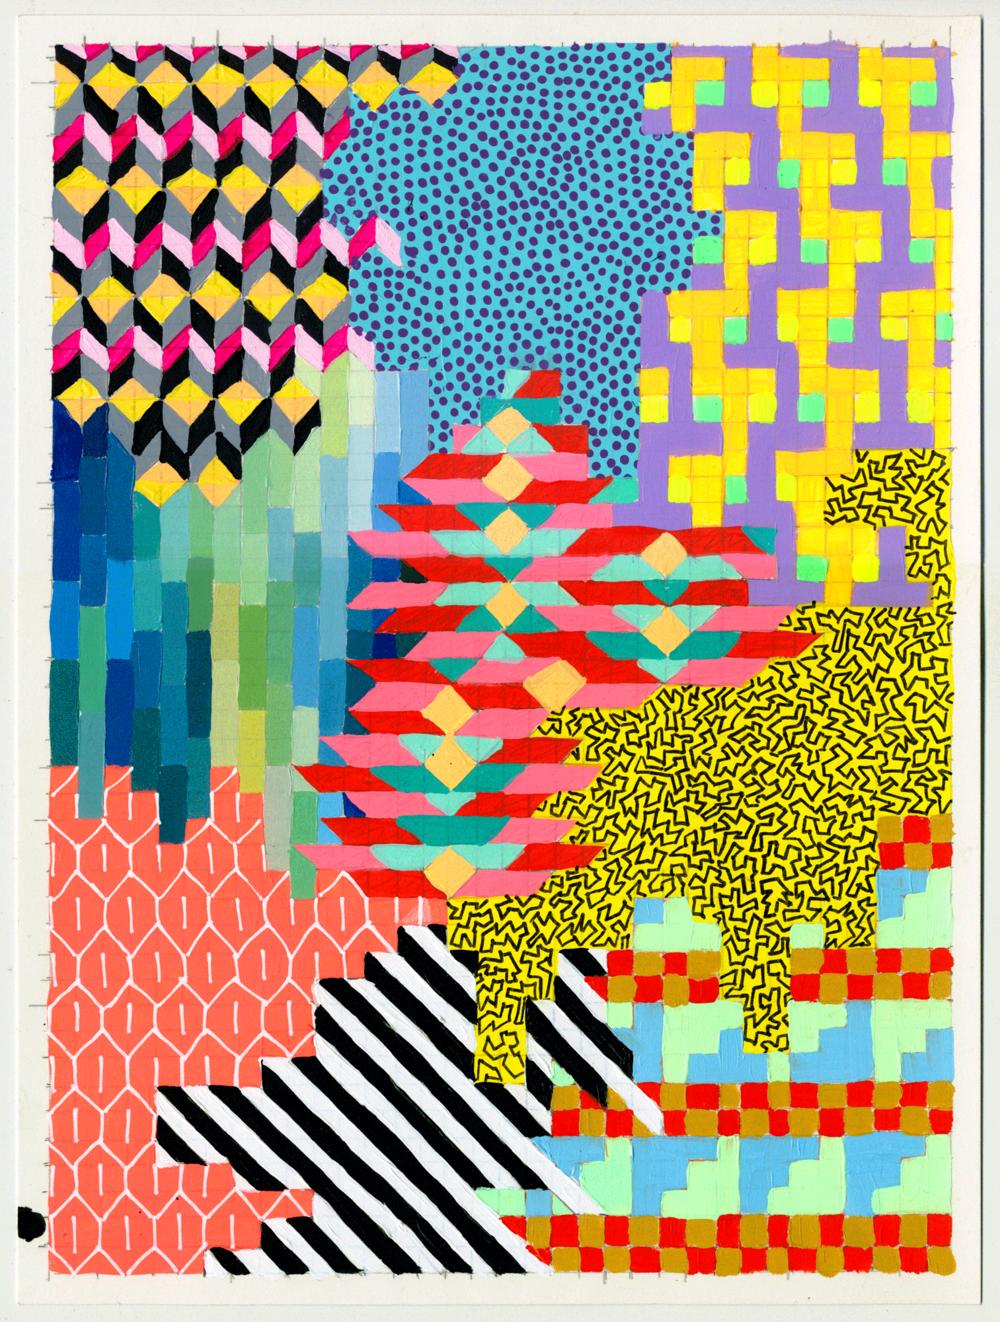 """NY1851, 12"""" X 9"""", acrylic on paper, 2018"""